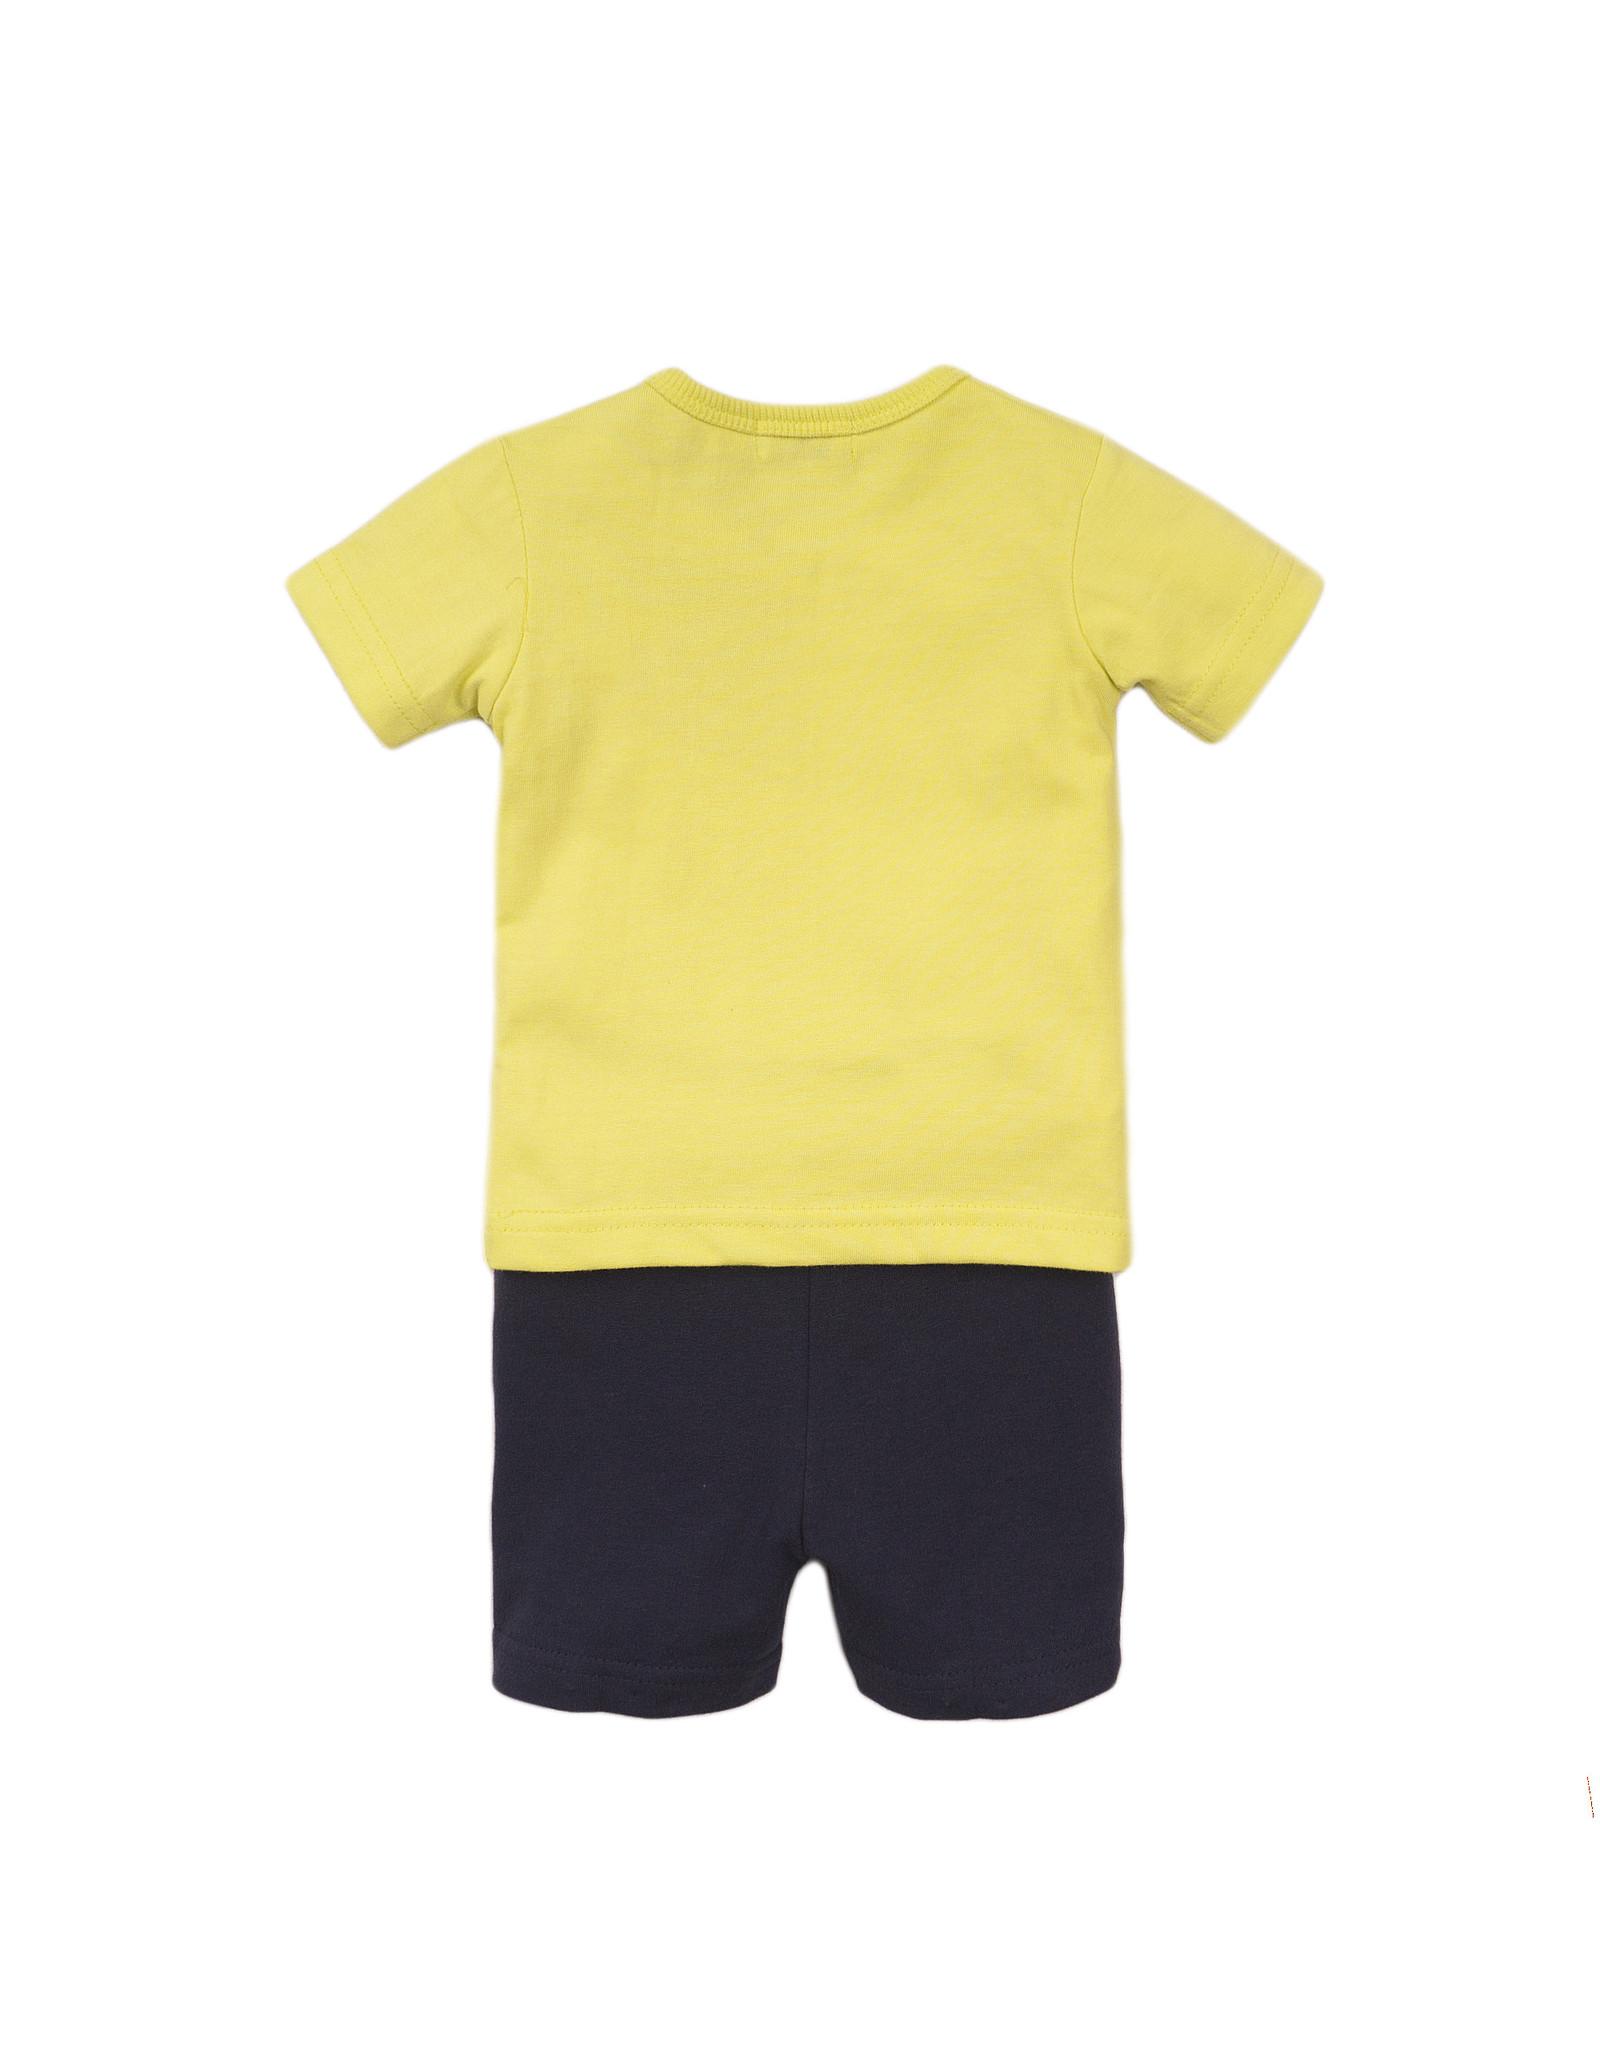 Dirkje Dirkje baby jongens setje HEY yellow navy